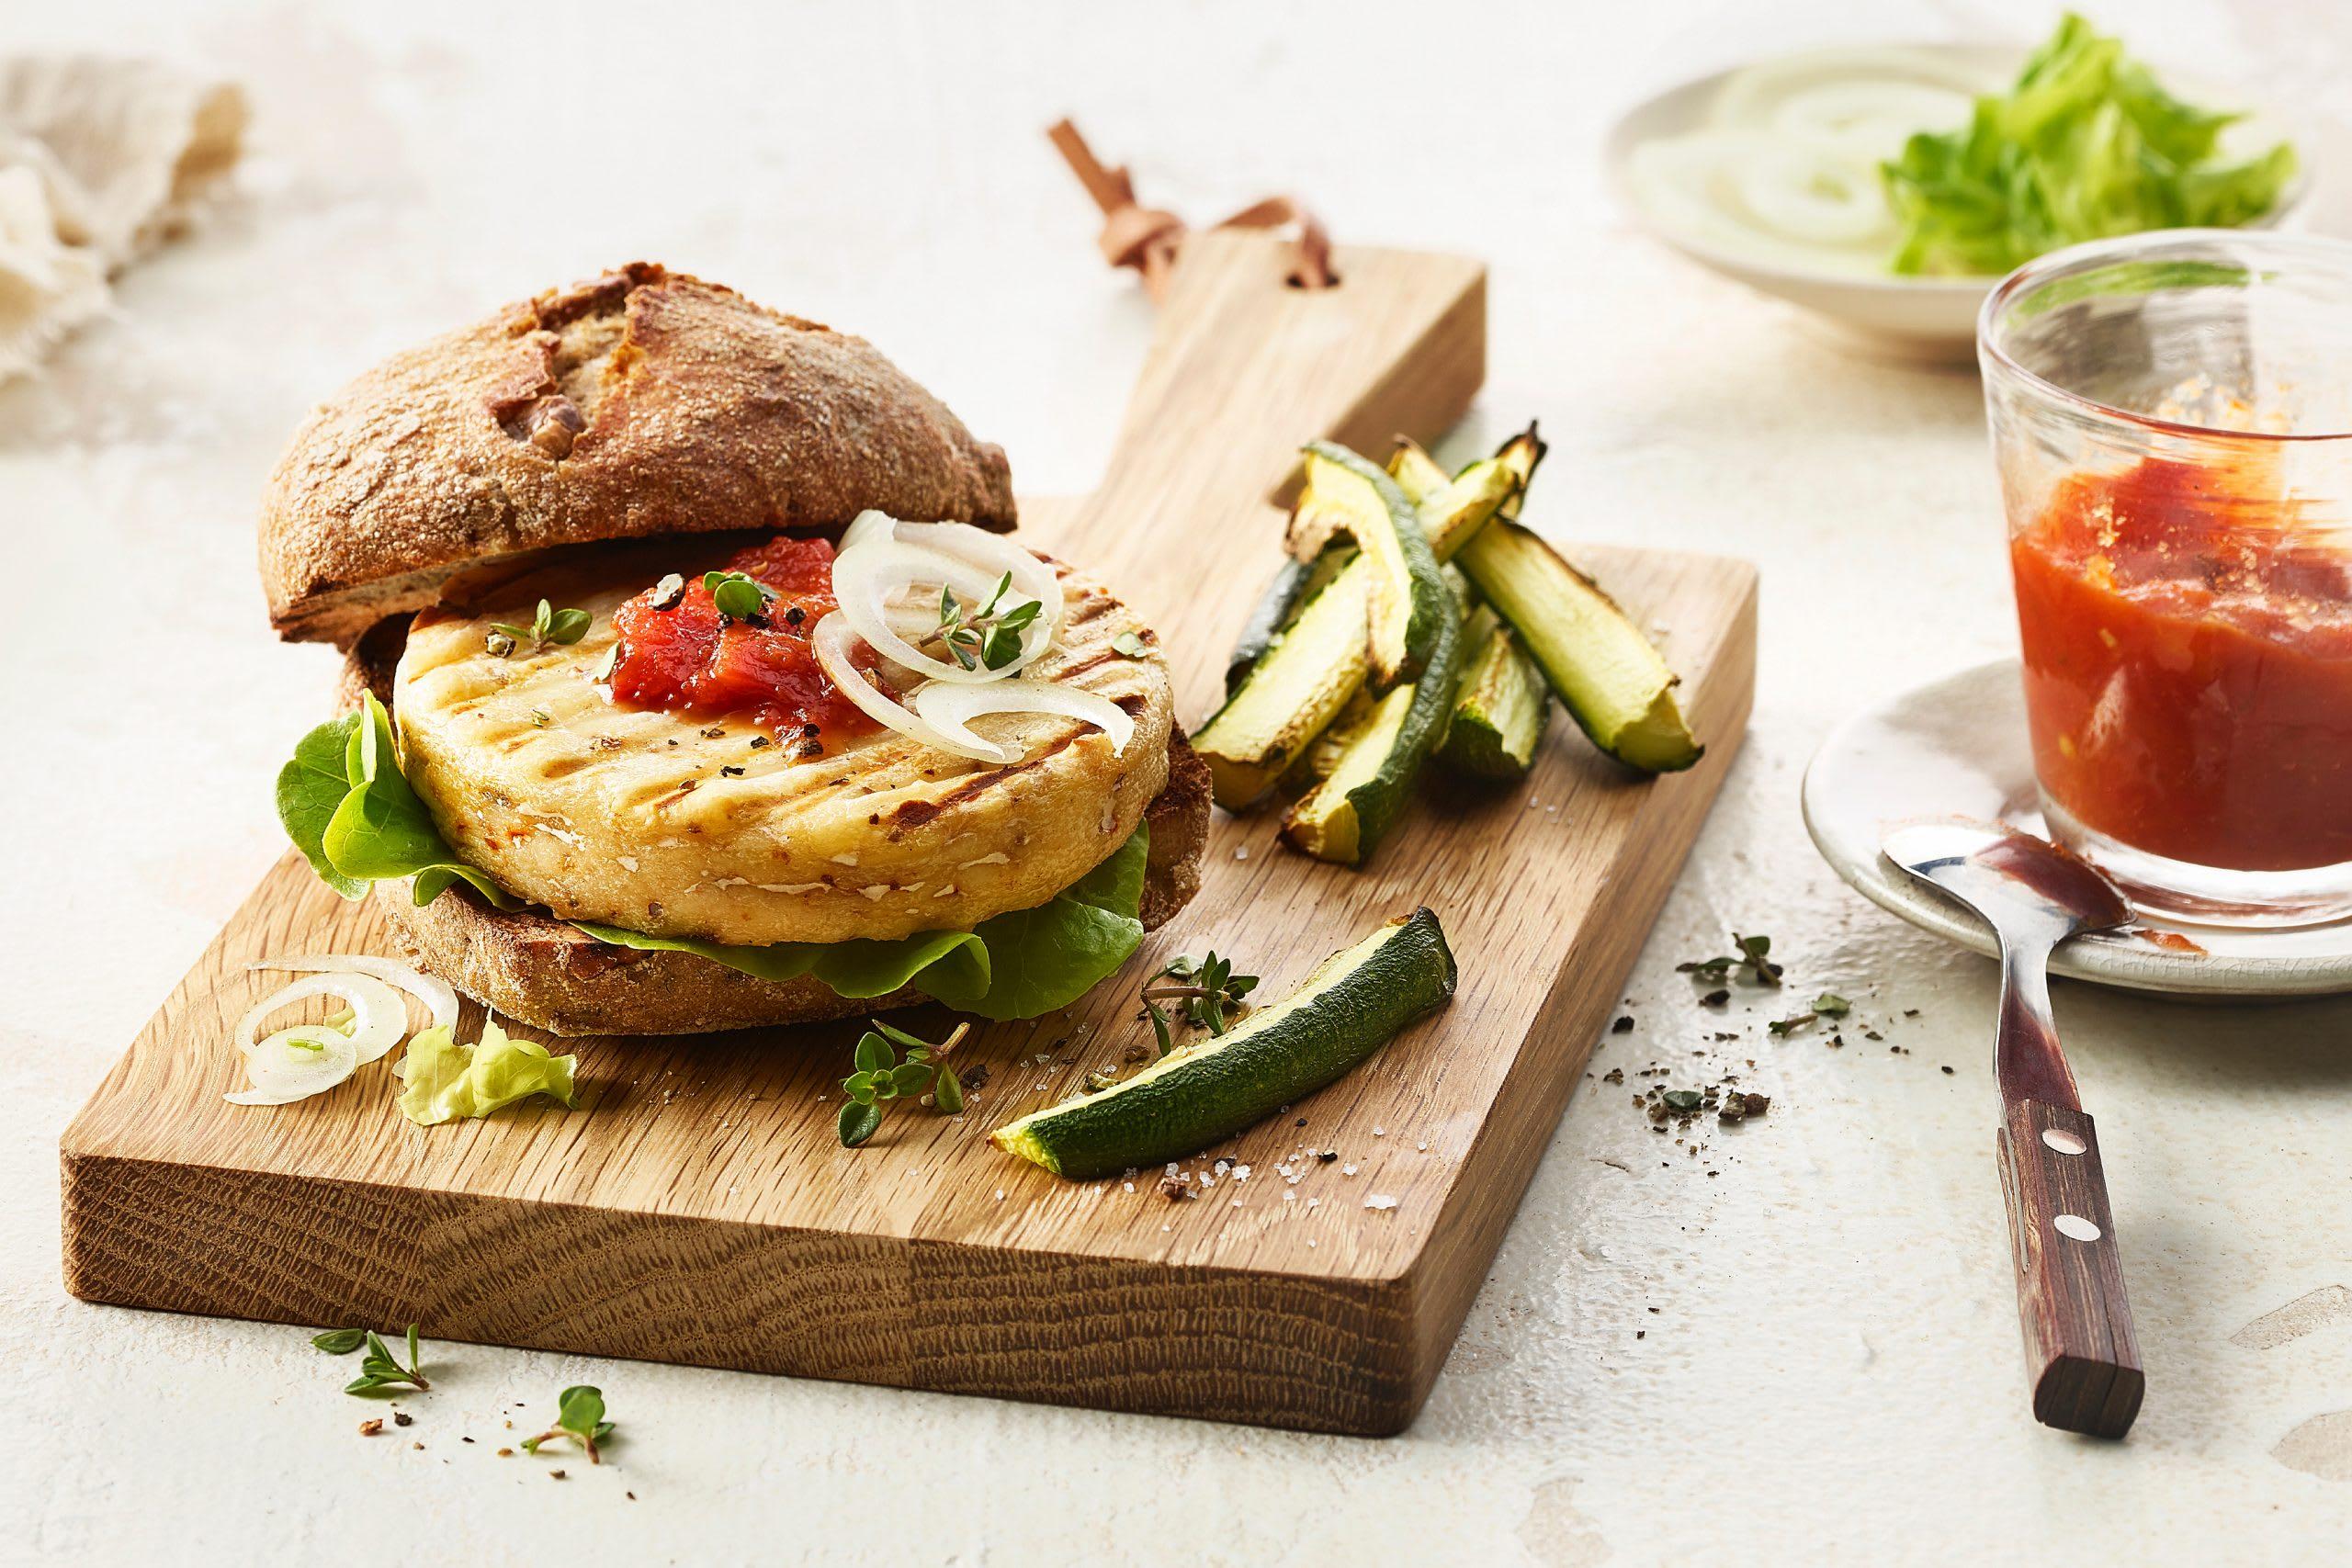 Grillkäse-Burger mit Zucchini-Pommes (Veggie-Burger)